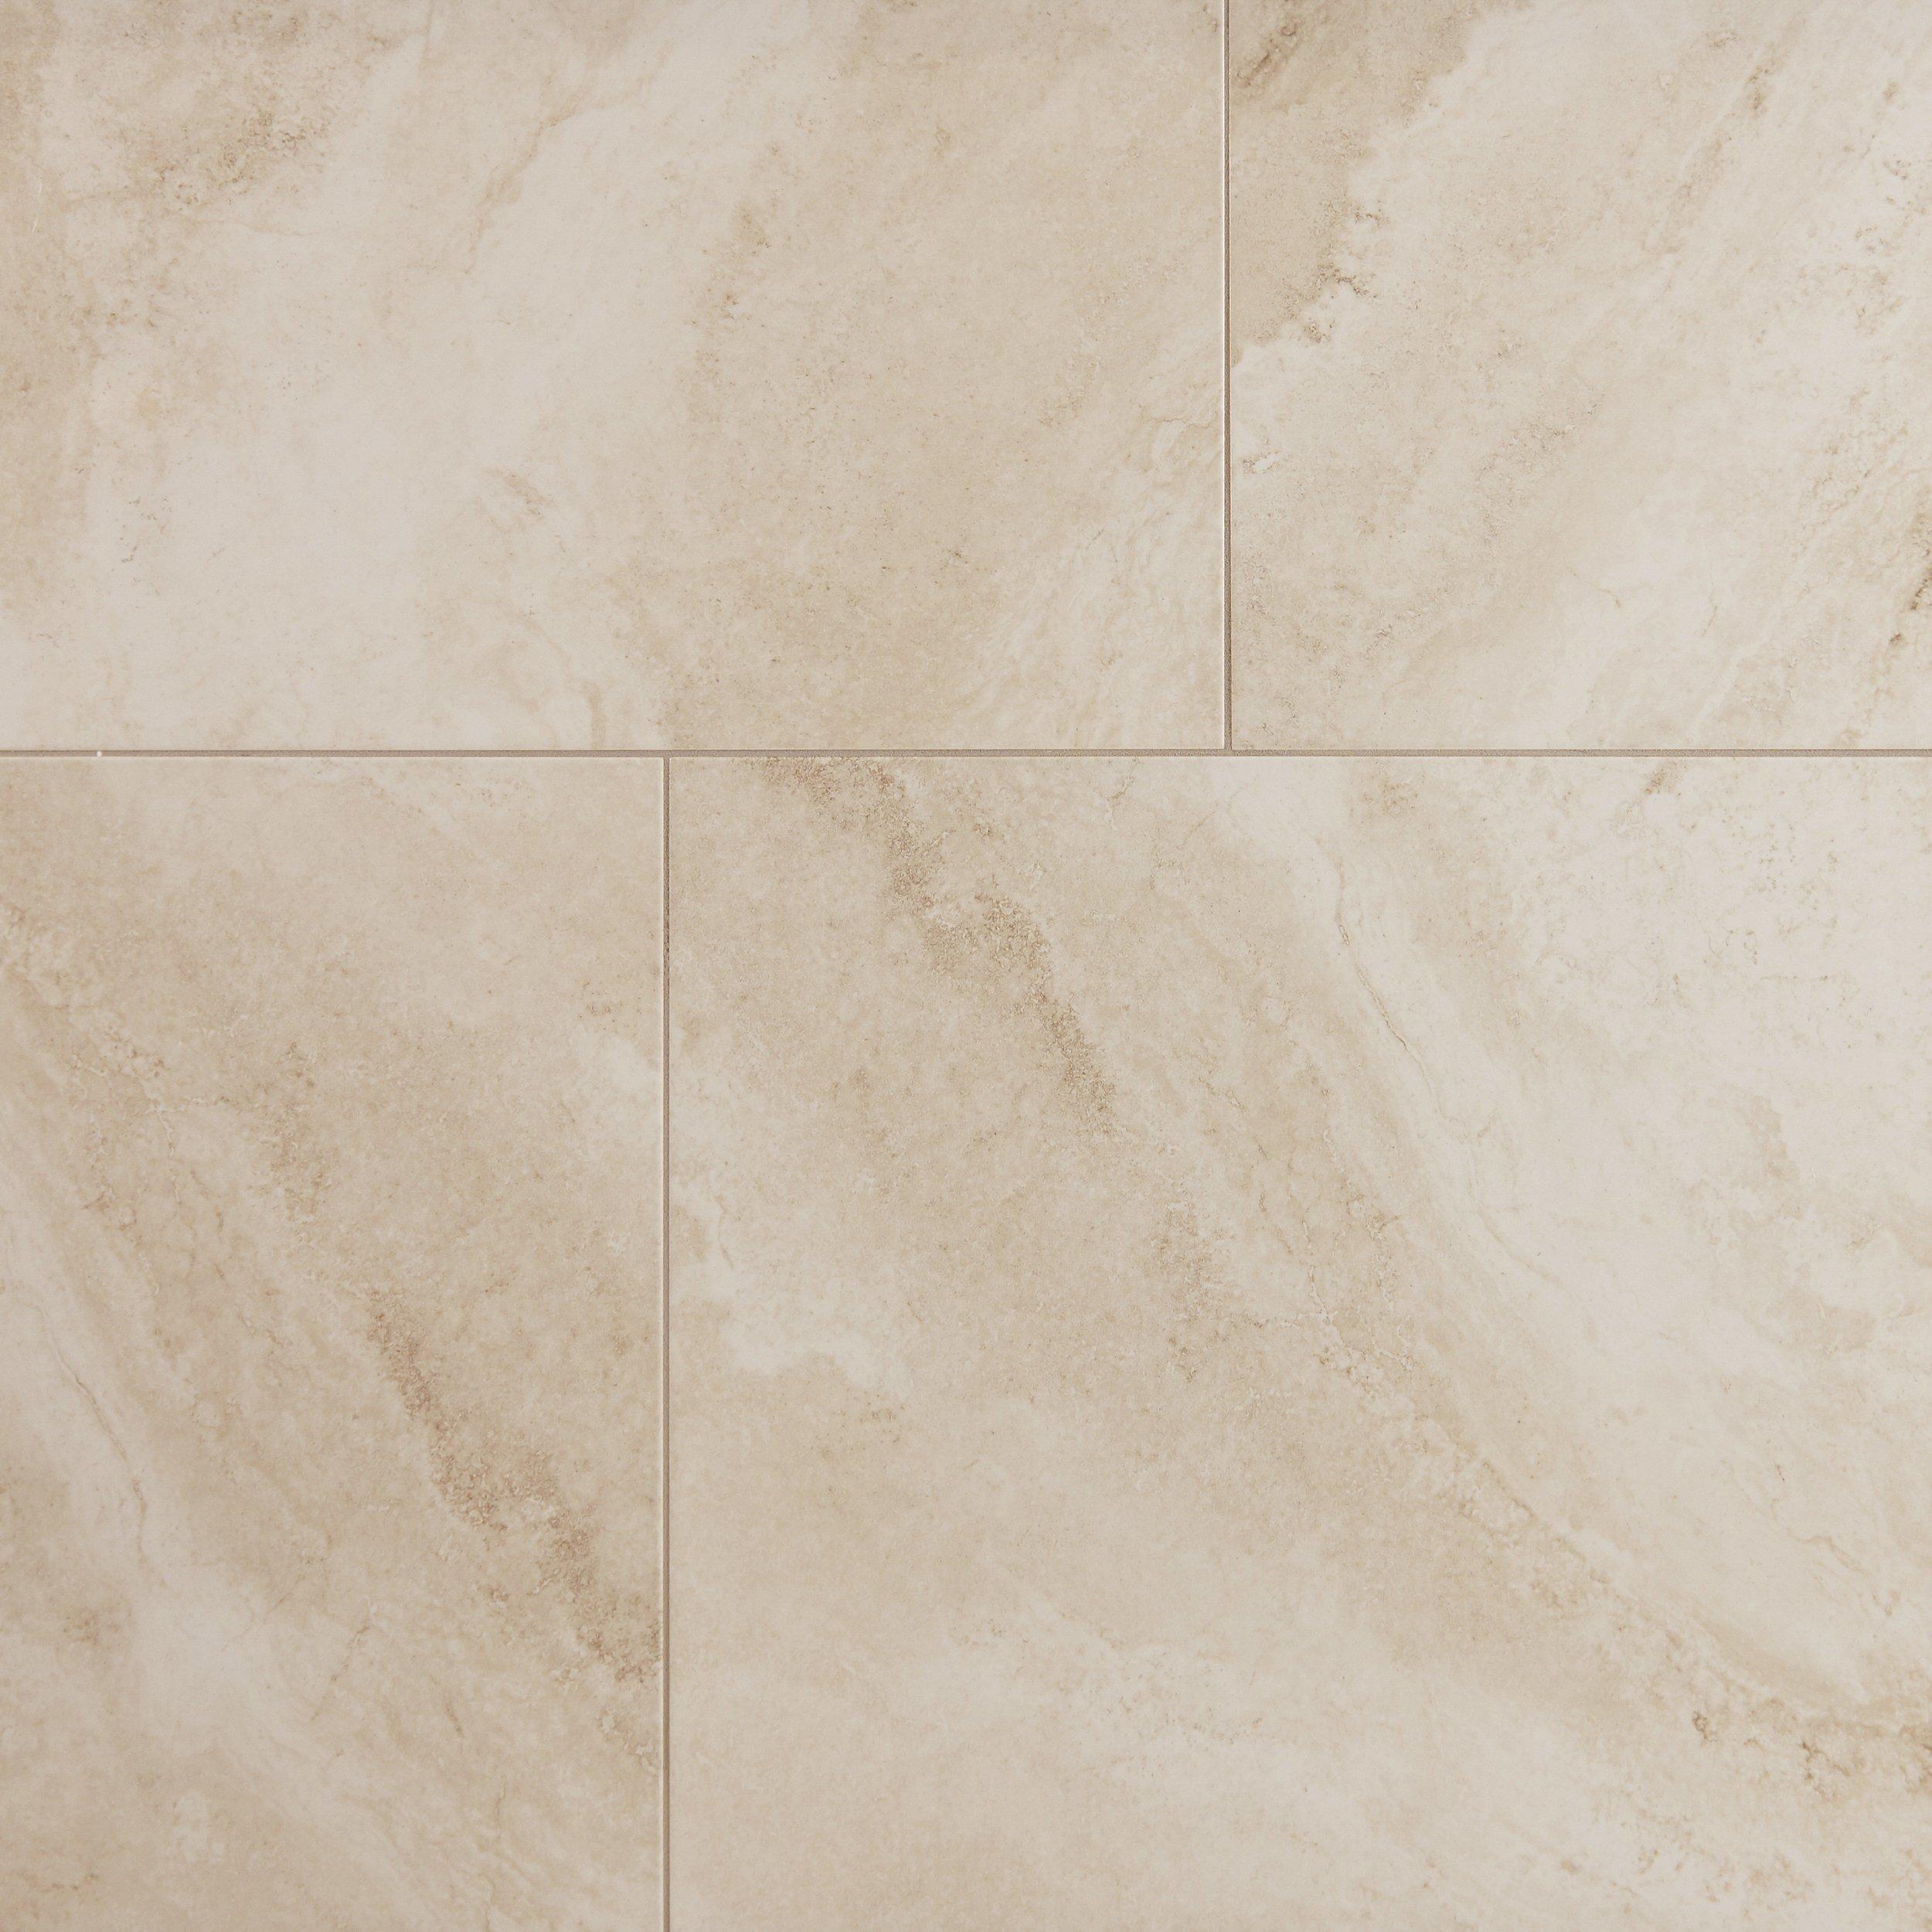 Austin Almond Polished Porcelain Tile 30 X 30 100414838 Floor